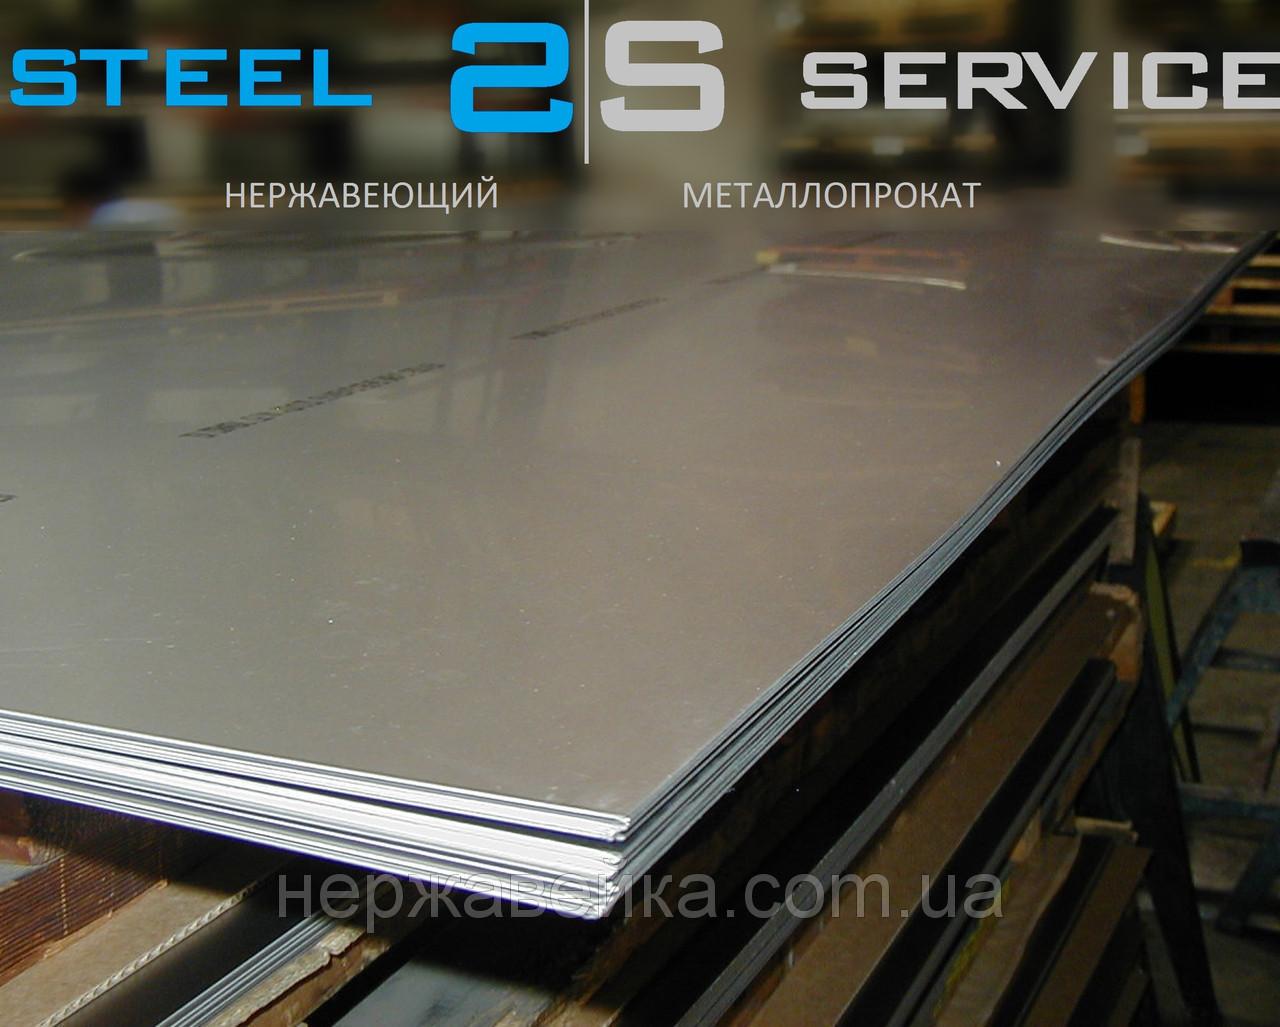 Нержавеющий лист 0,8х1250х2500мм  AISI 309(20Х23Н13, 20Х20Н14С2) 2B - матовый,  жаропрочный